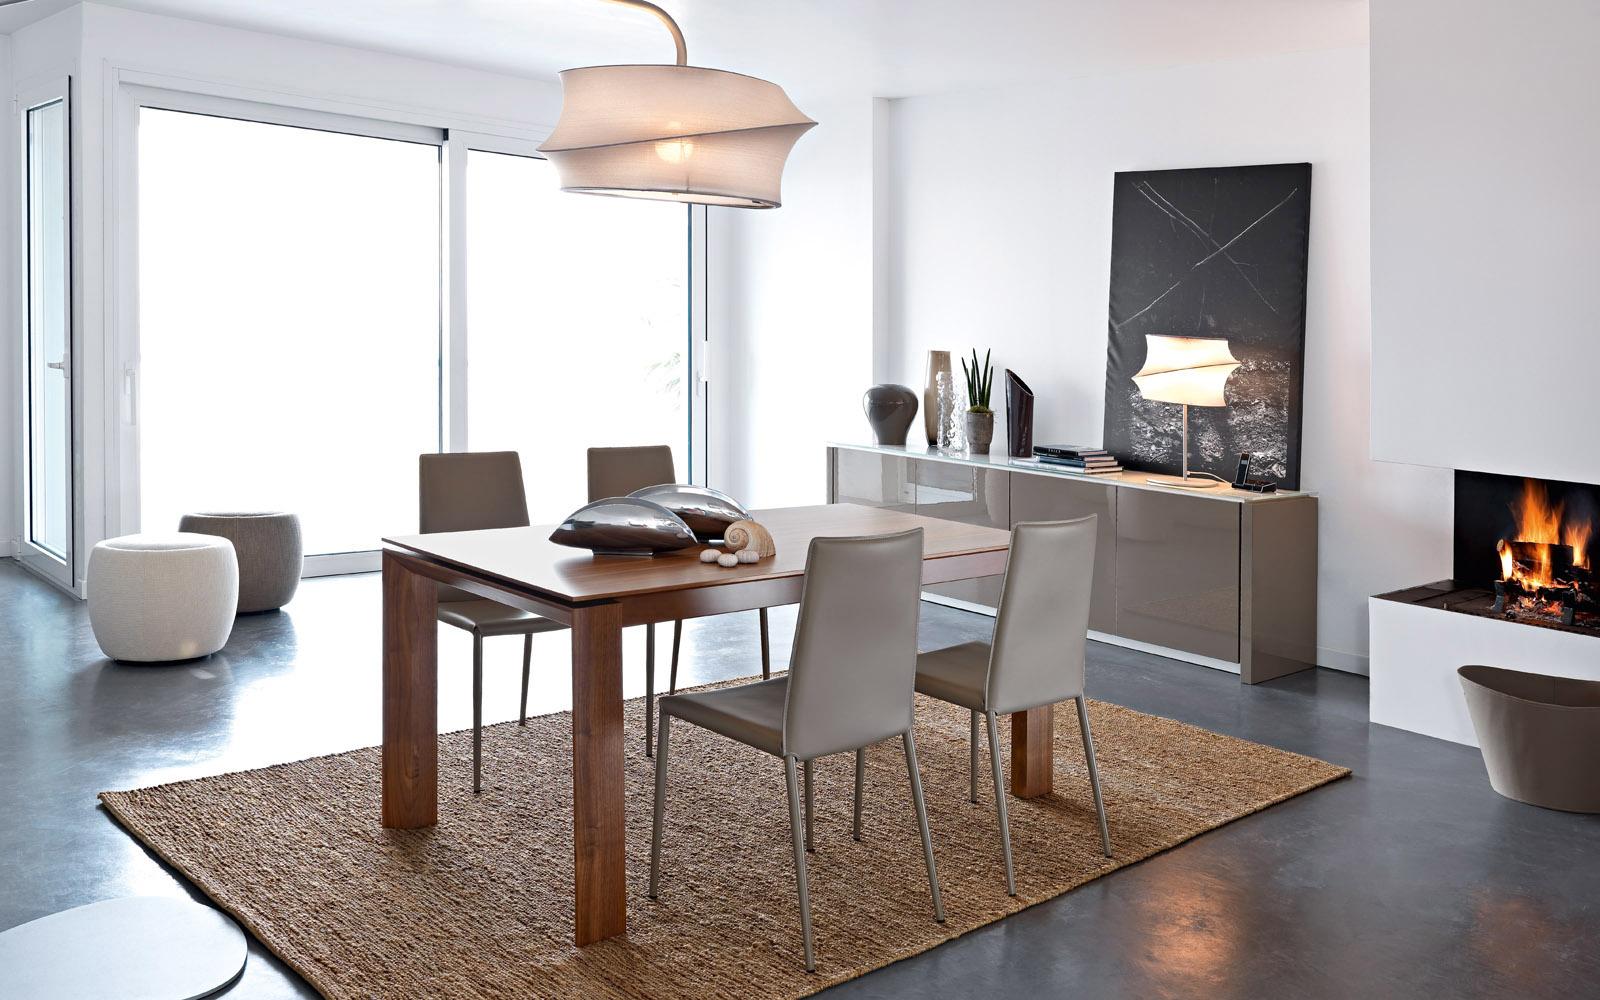 come scegliere il tavolo da pranzo perfetto casa di stile